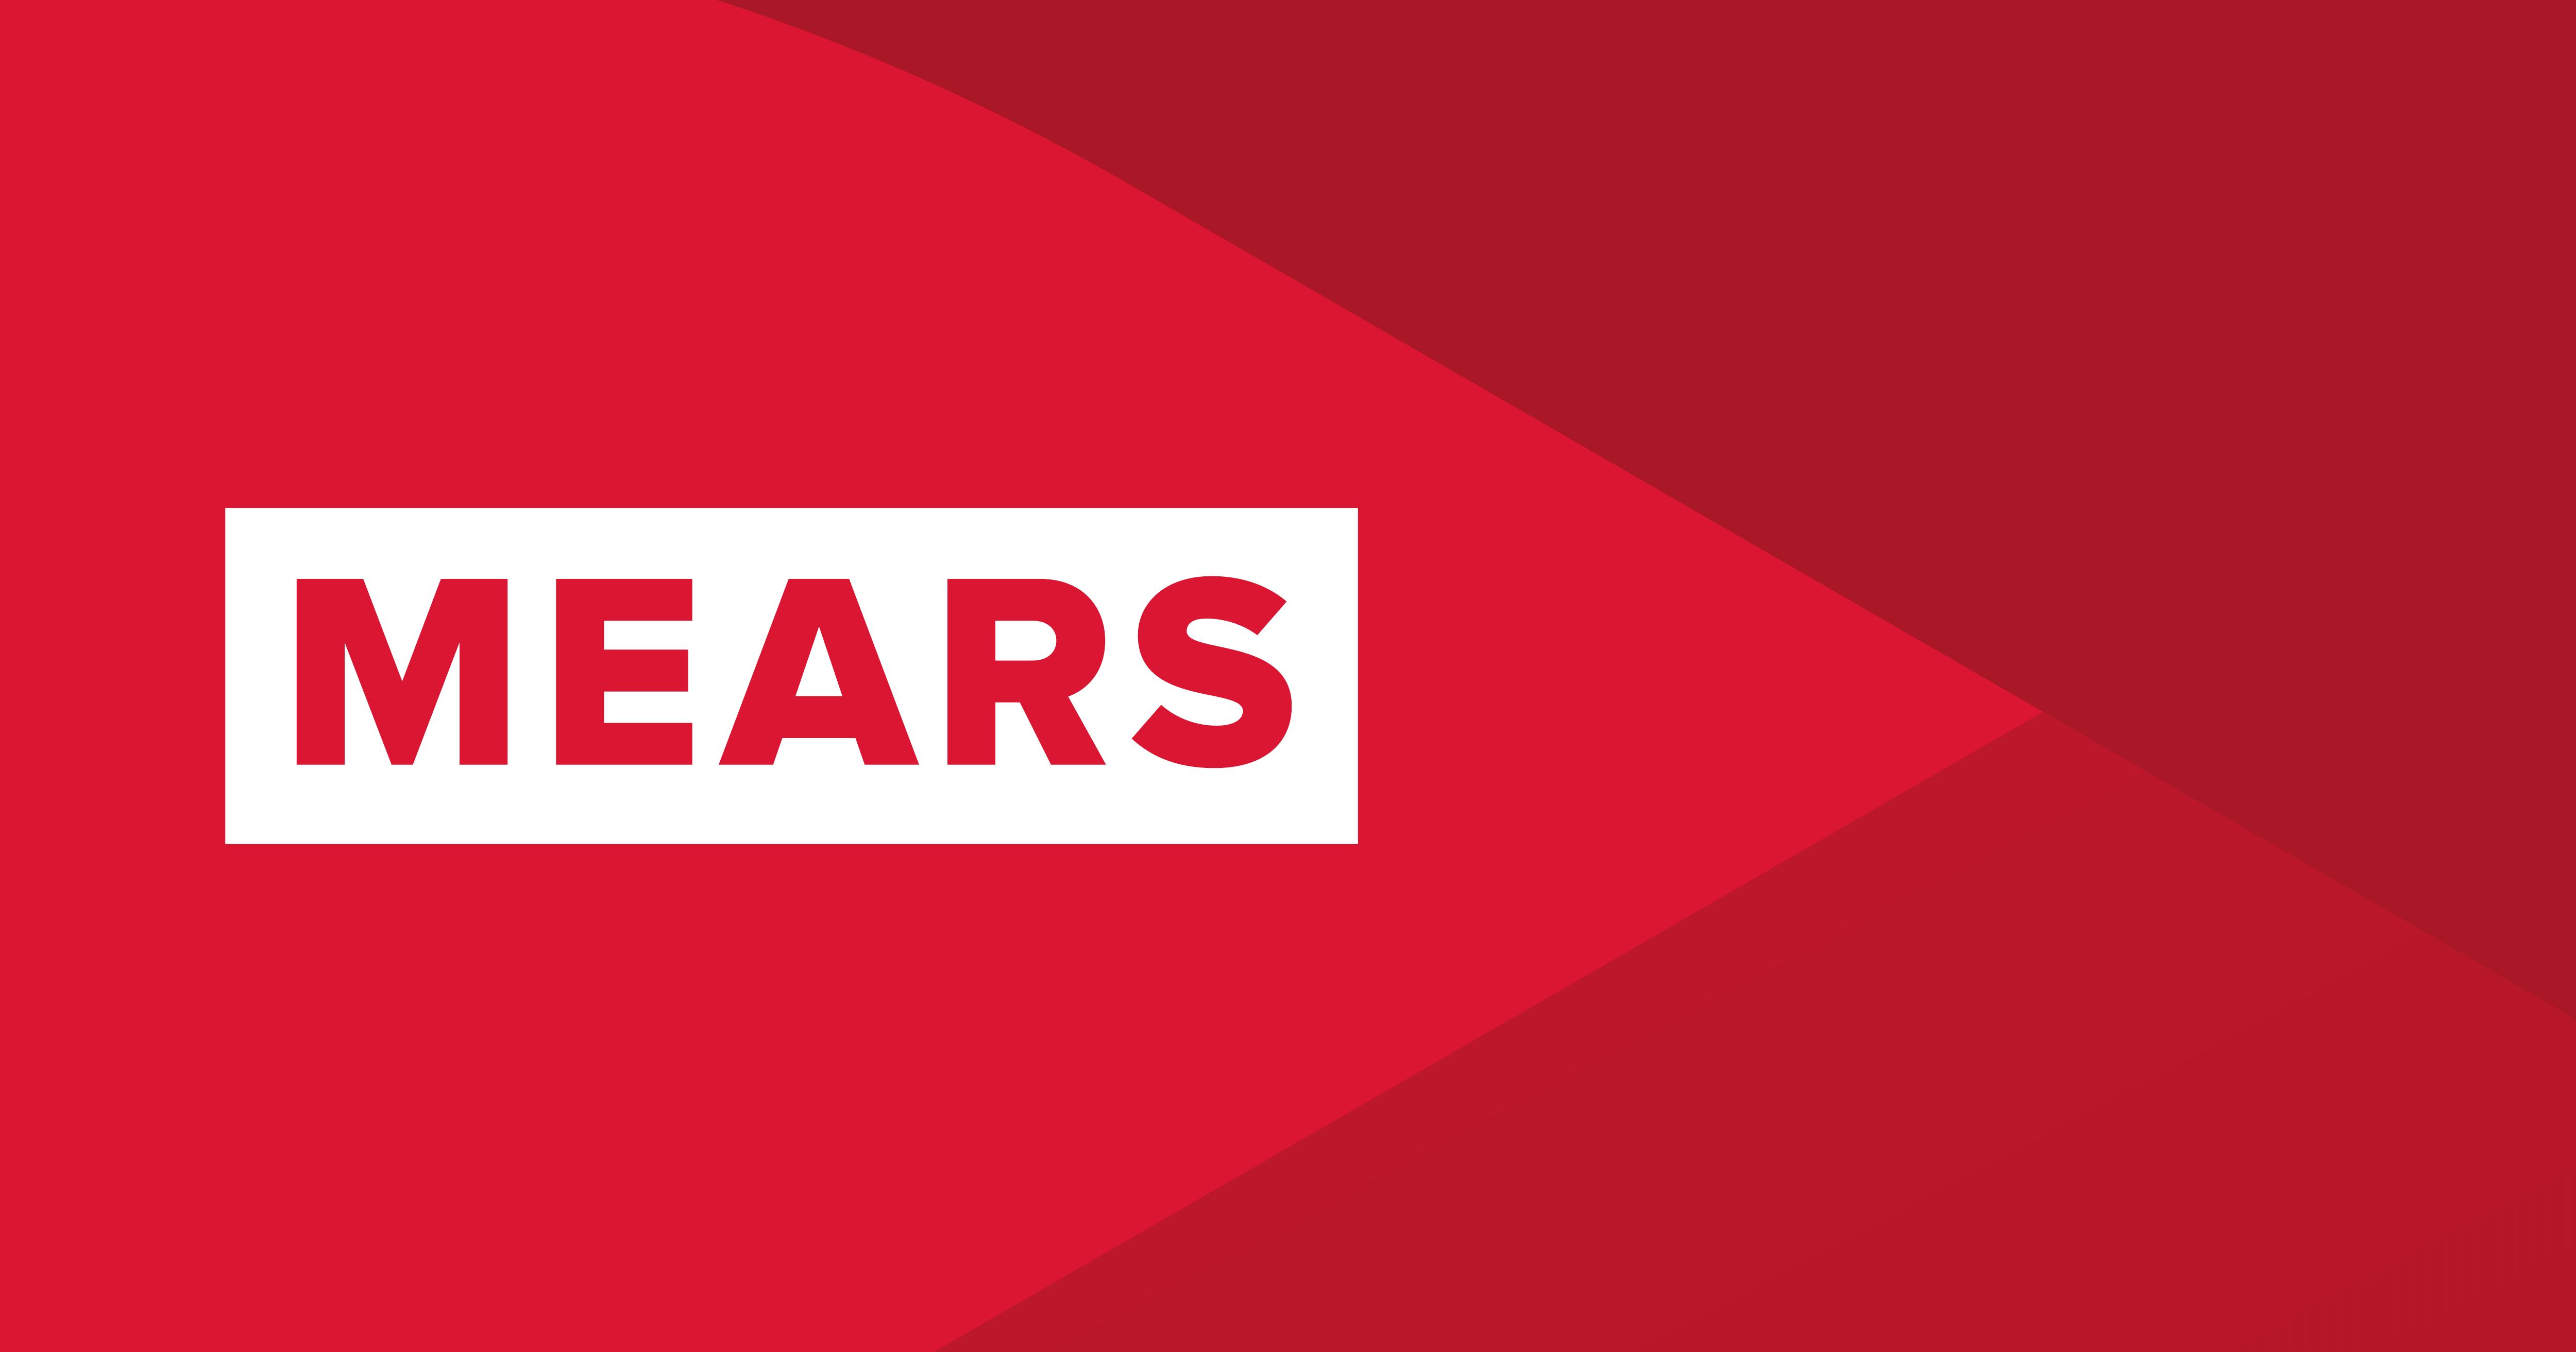 Mears logo